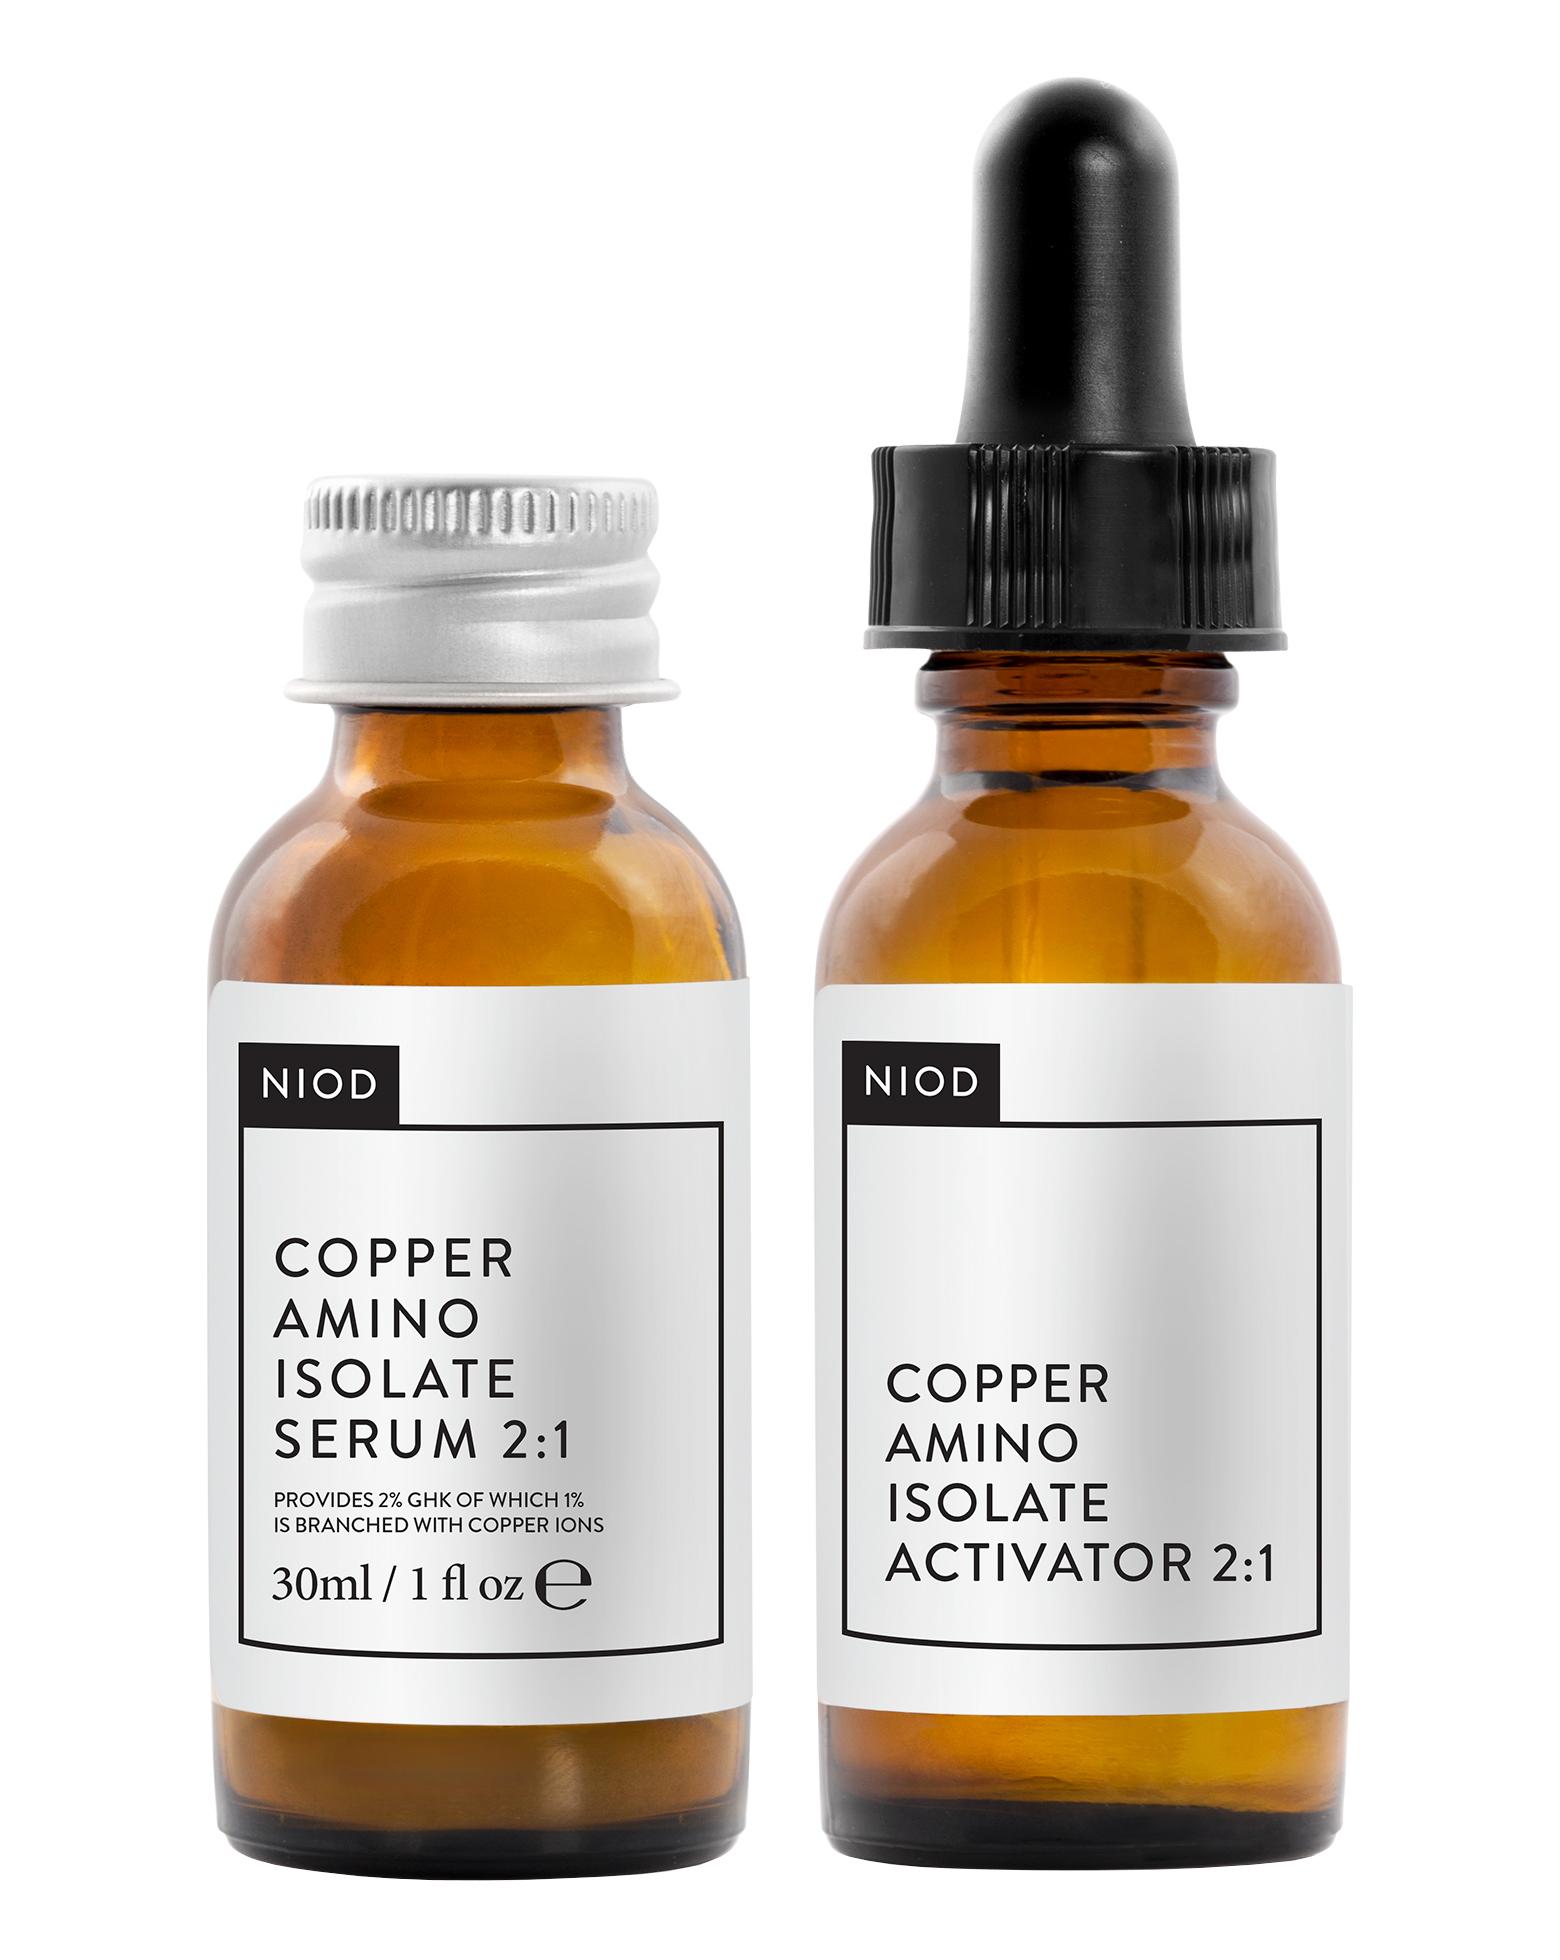 NIOD Copper Amino Isolate Serum 2:1